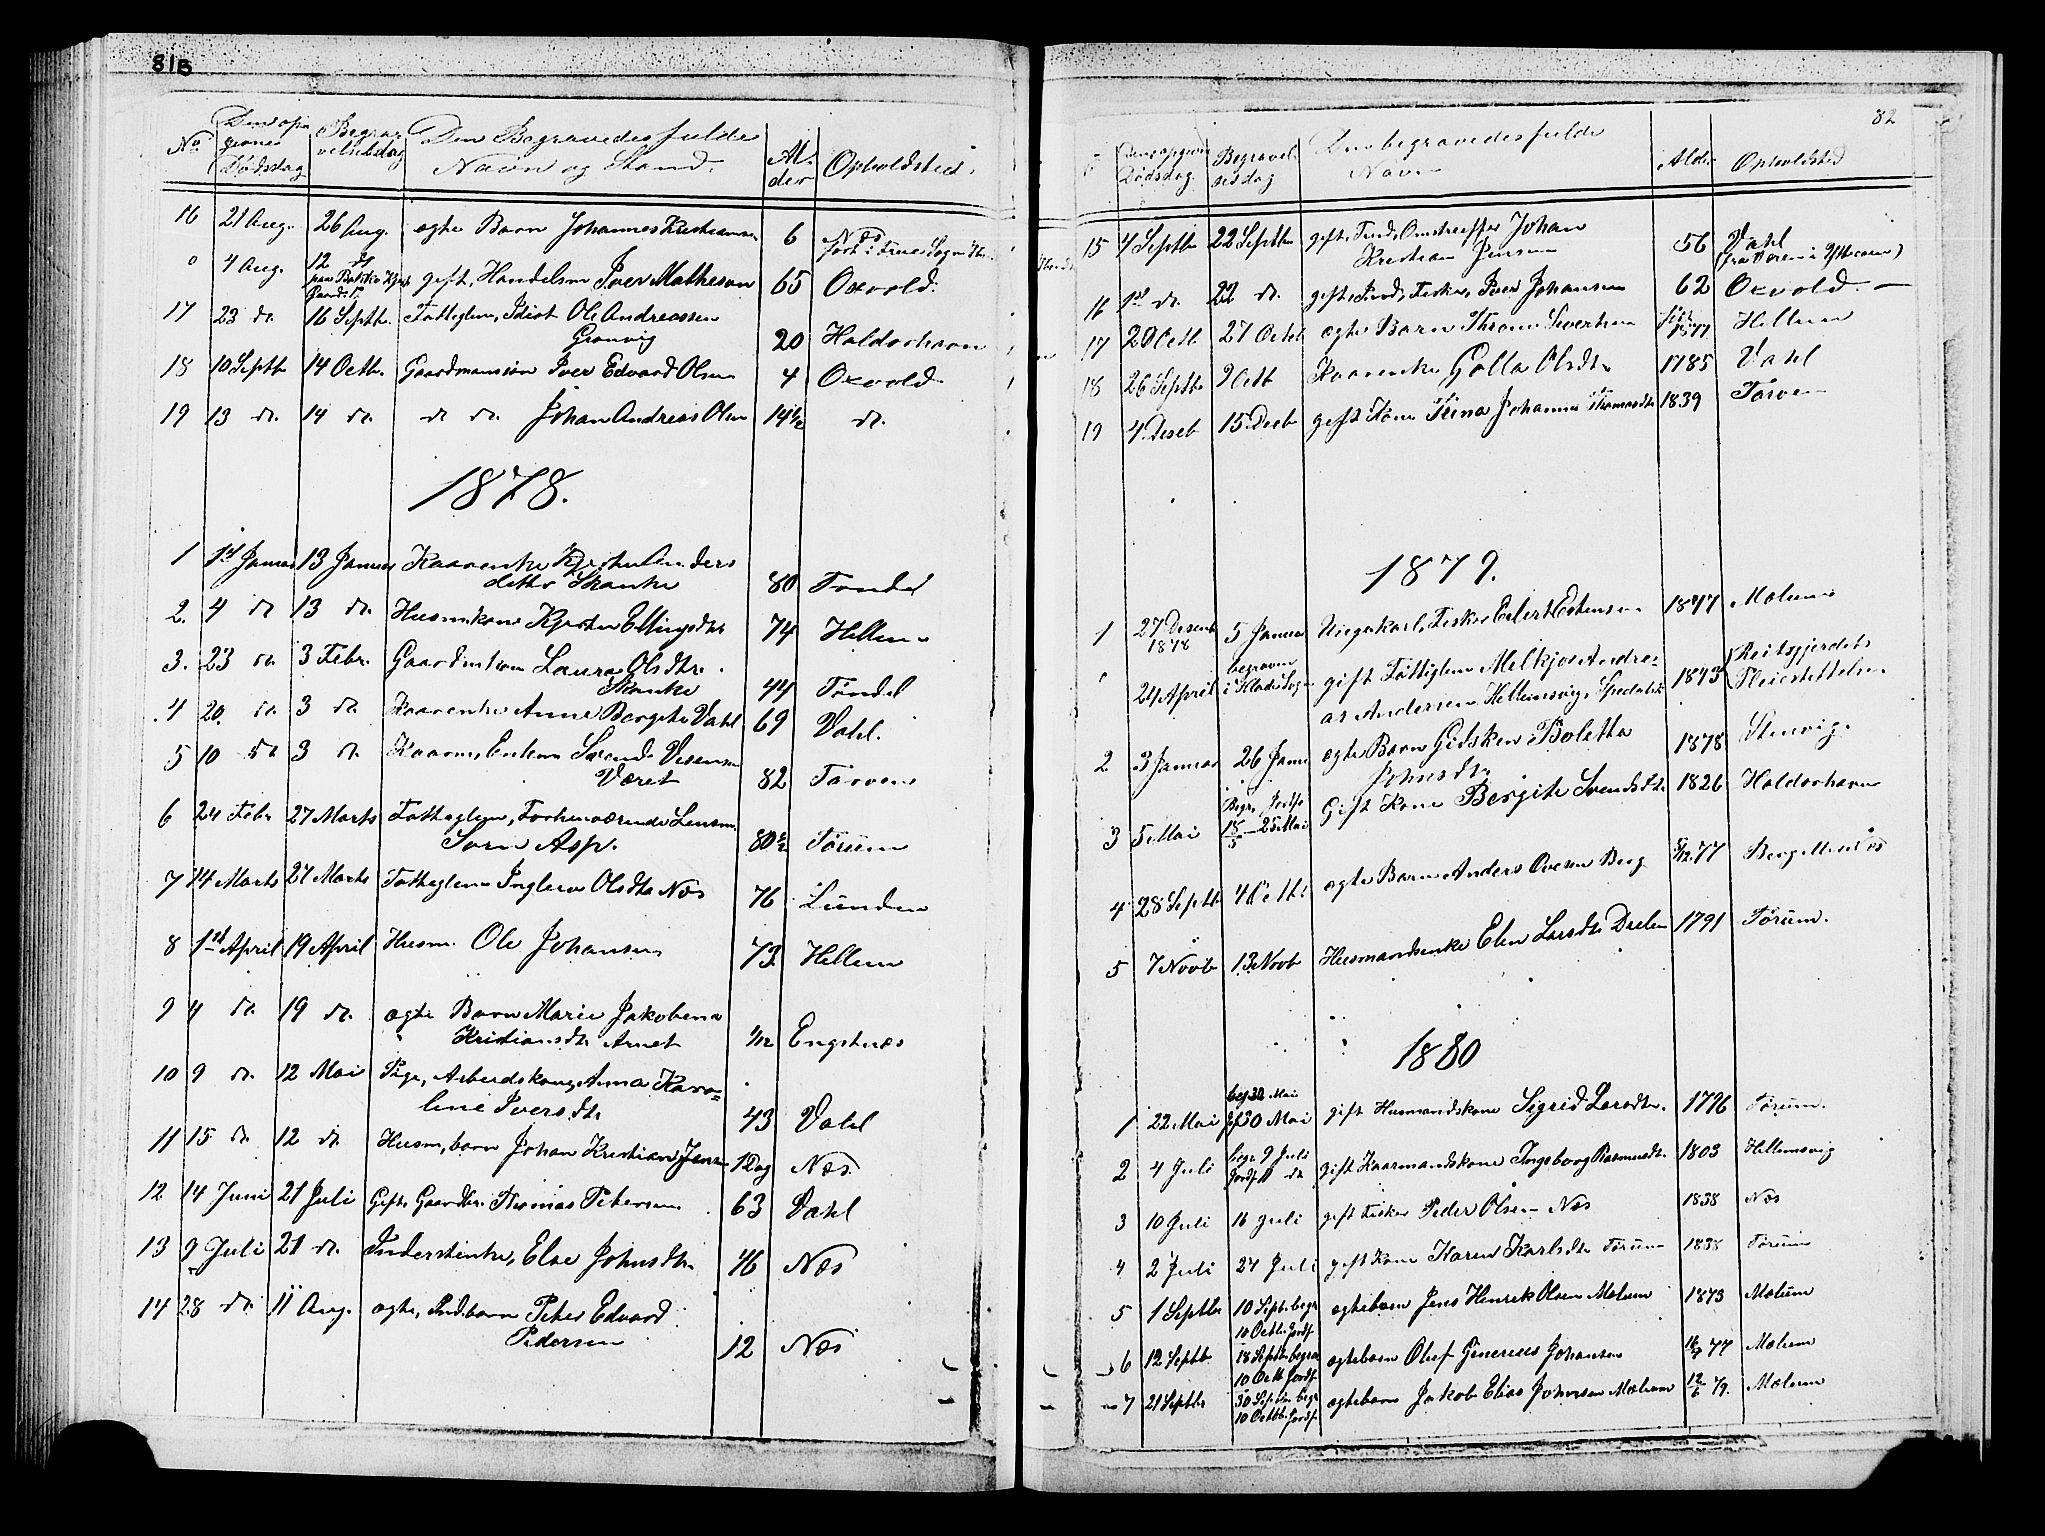 SAT, Ministerialprotokoller, klokkerbøker og fødselsregistre - Sør-Trøndelag, 652/L0653: Klokkerbok nr. 652C01, 1866-1910, s. 82